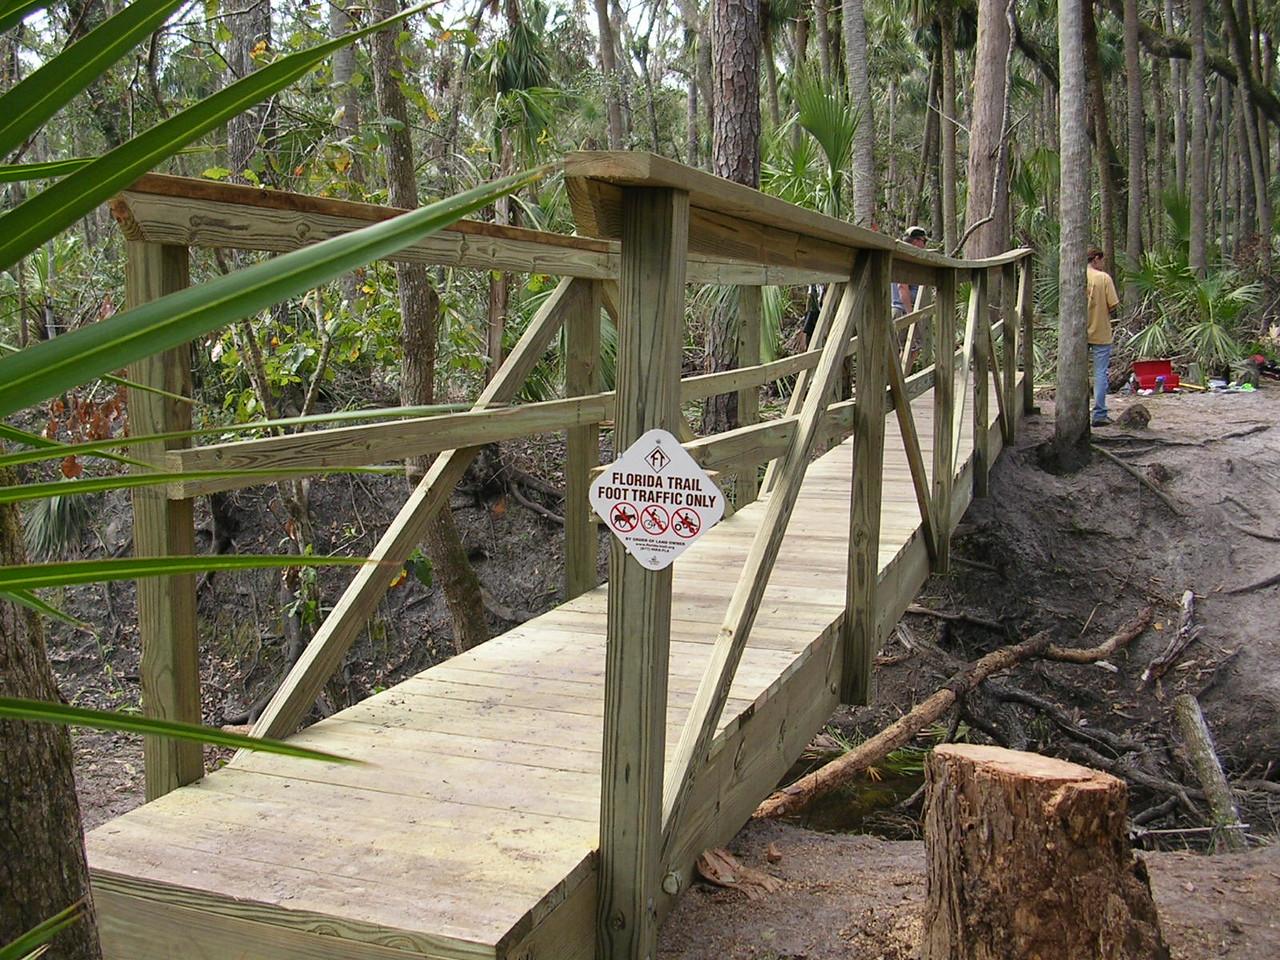 F-Troop's second bridge<br /> PHOTO CREDIT: Roger Werner / Florida Trail Association